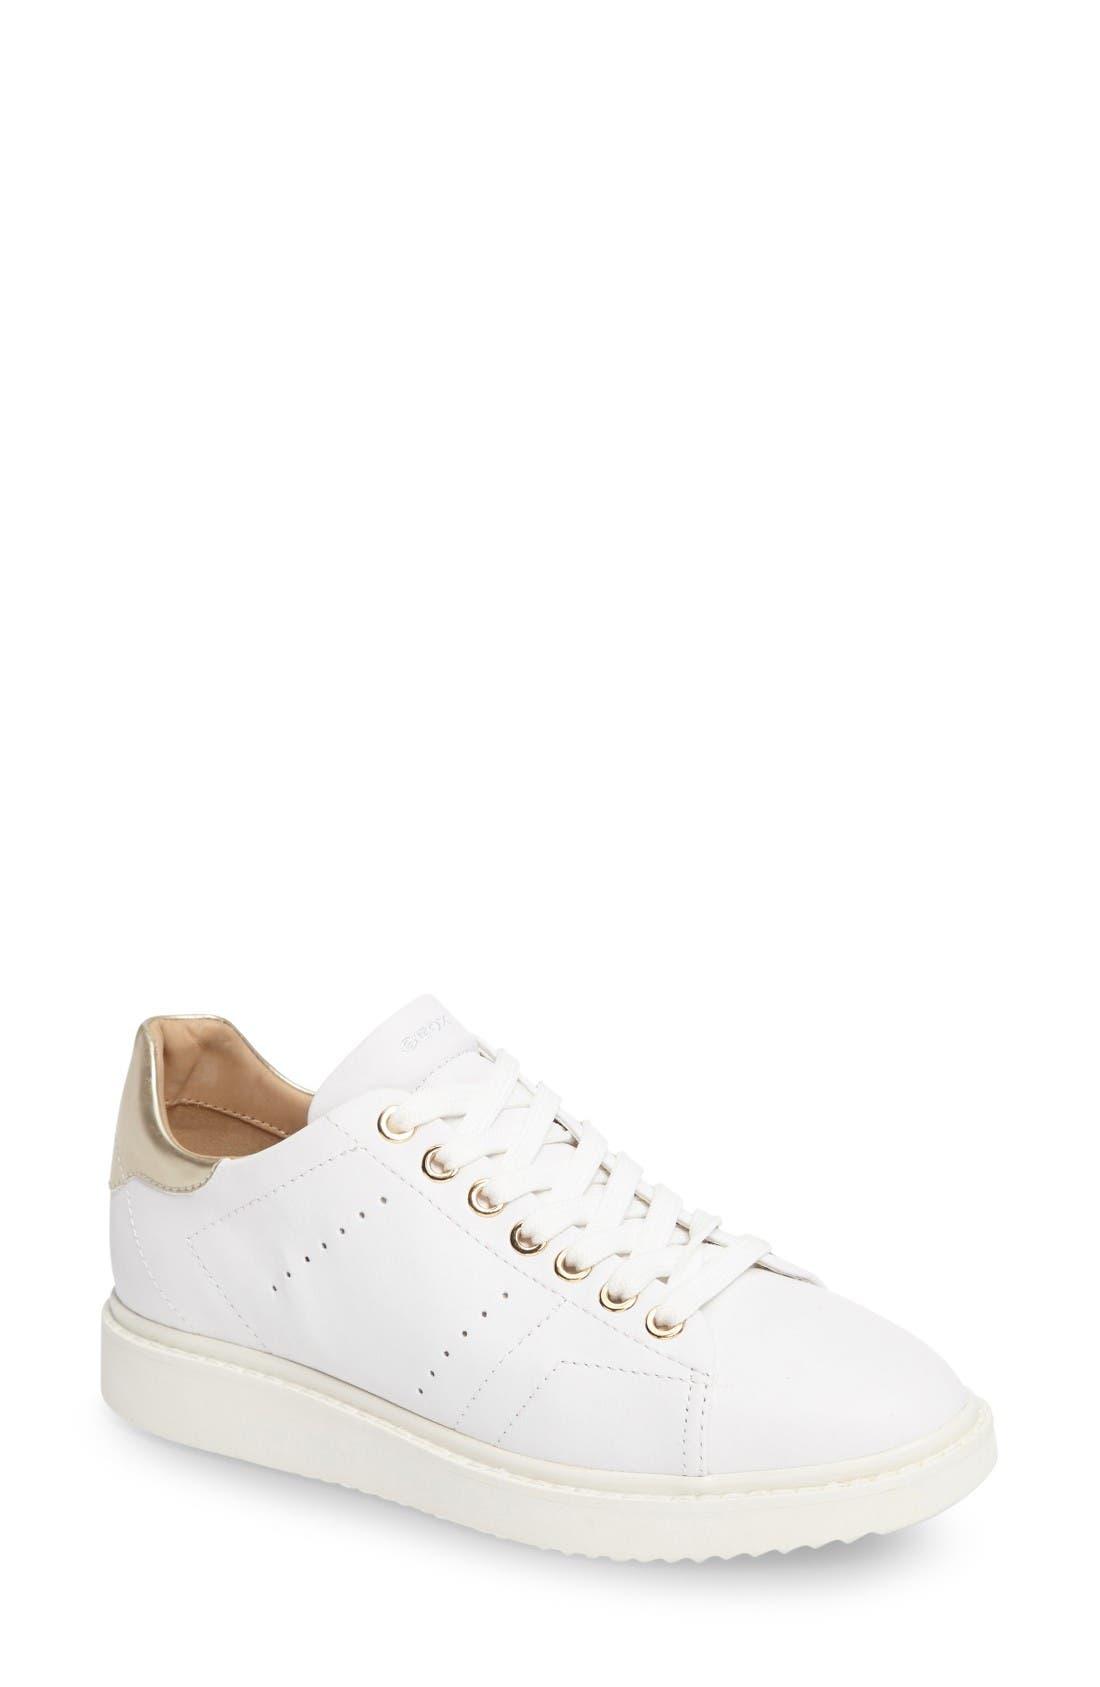 Geox Thymar Sneaker (Women)